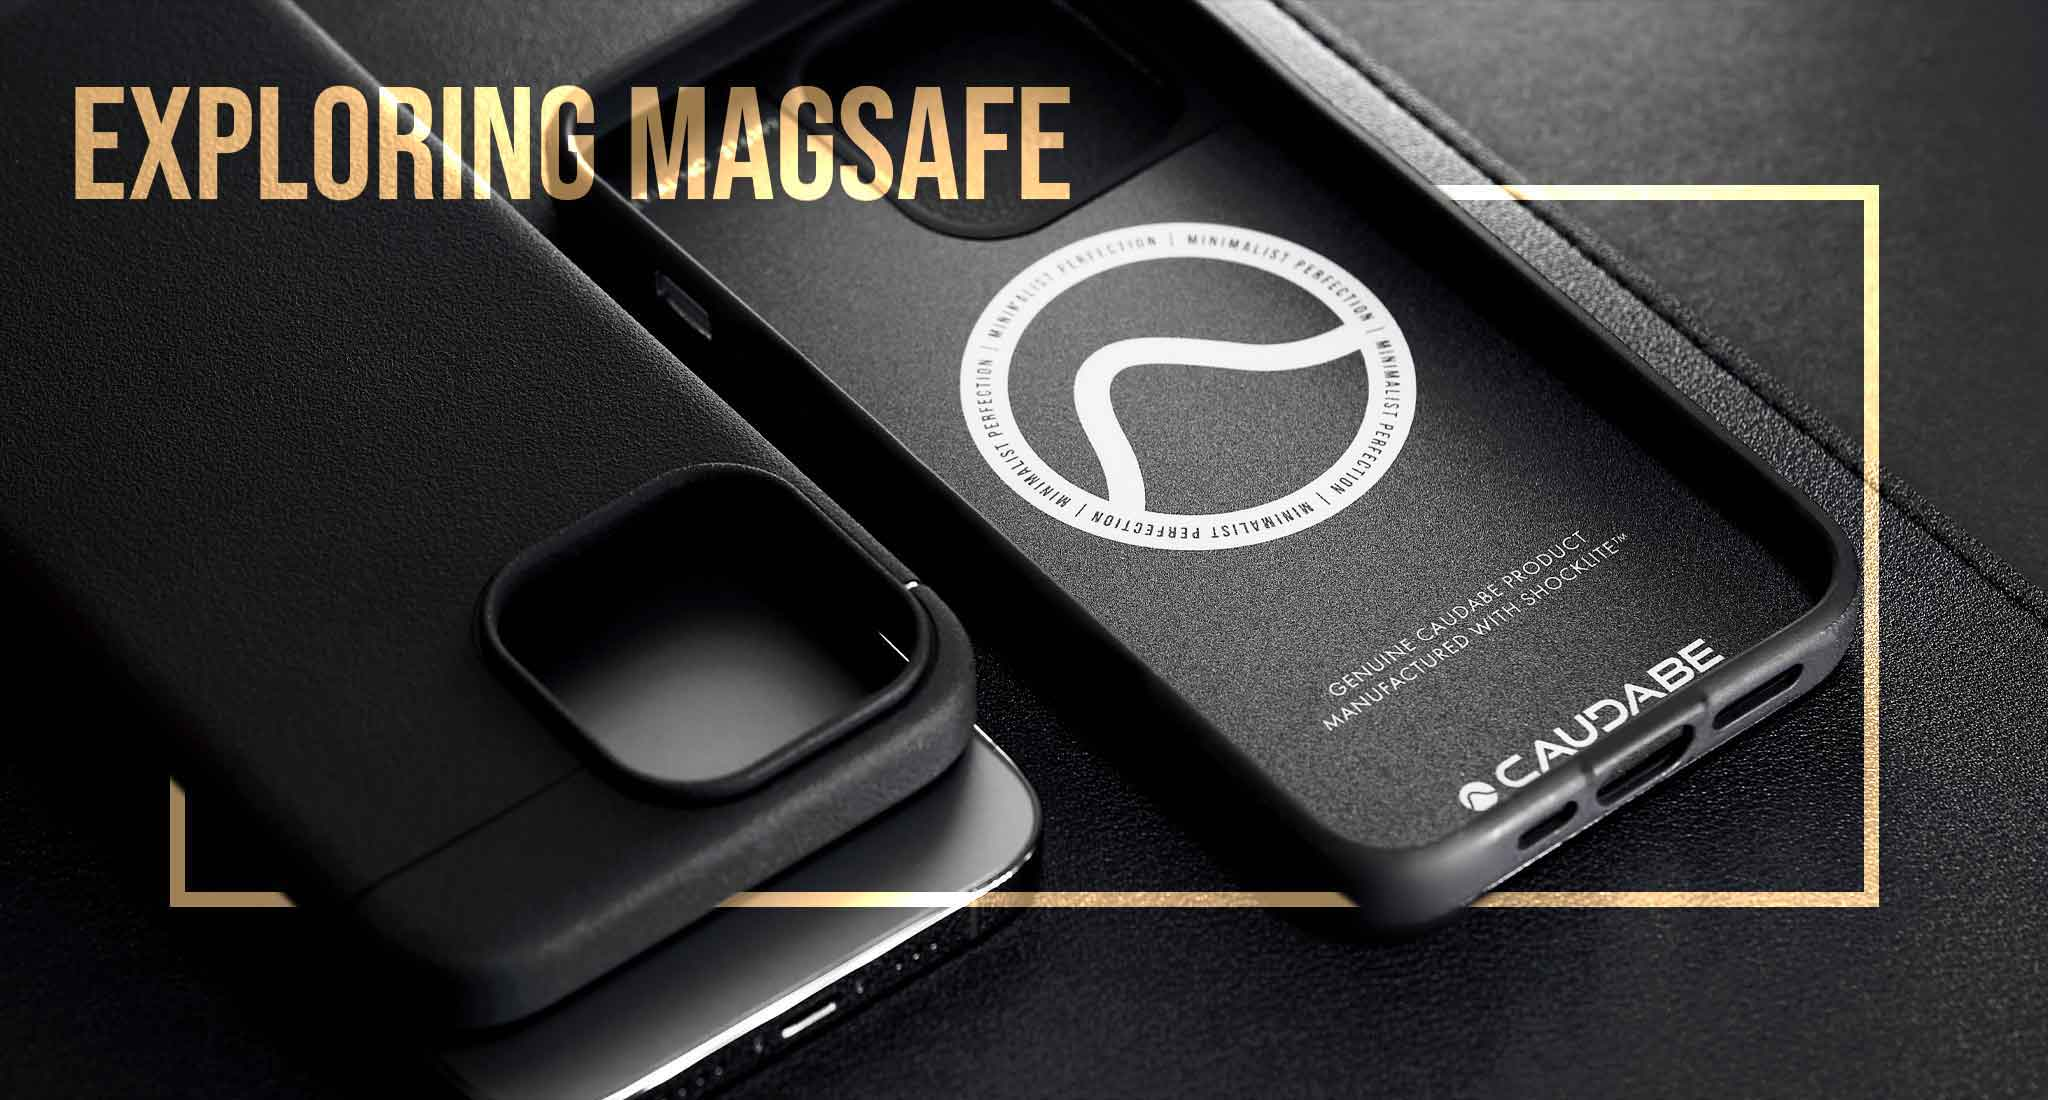 Exploring MagSafe